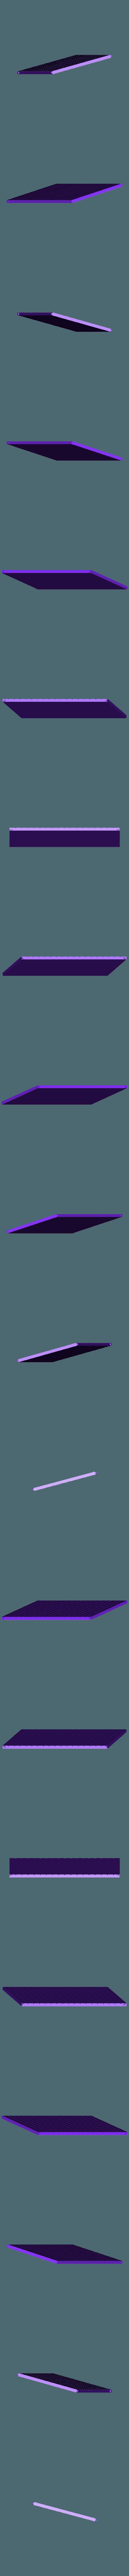 door.stl Télécharger fichier STL gratuit Dépôt de train à l'échelle 1:87 HO avec table tournante • Plan pour imprimante 3D, nenchev